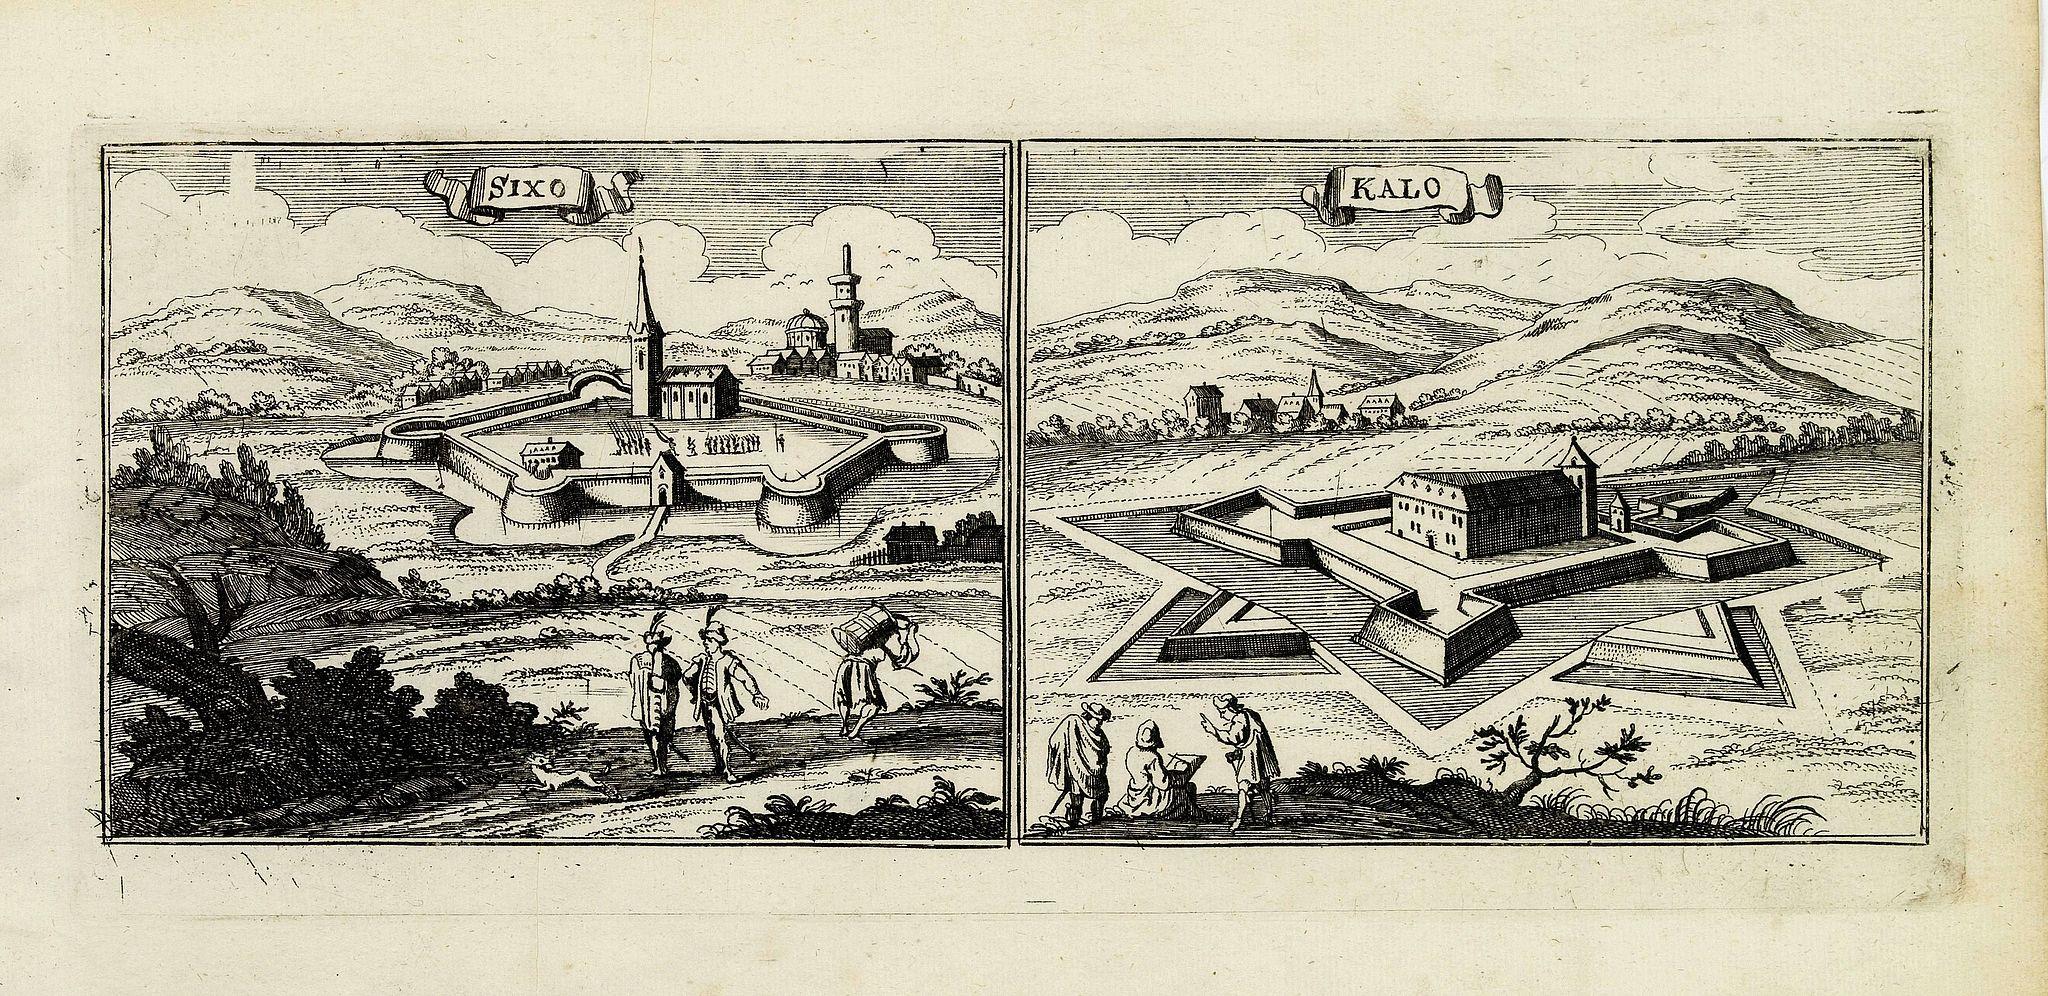 PEETERS, J. / BOUTTATS, G. -  Sixo / Kalo. (Szikszo and Nagycallo)